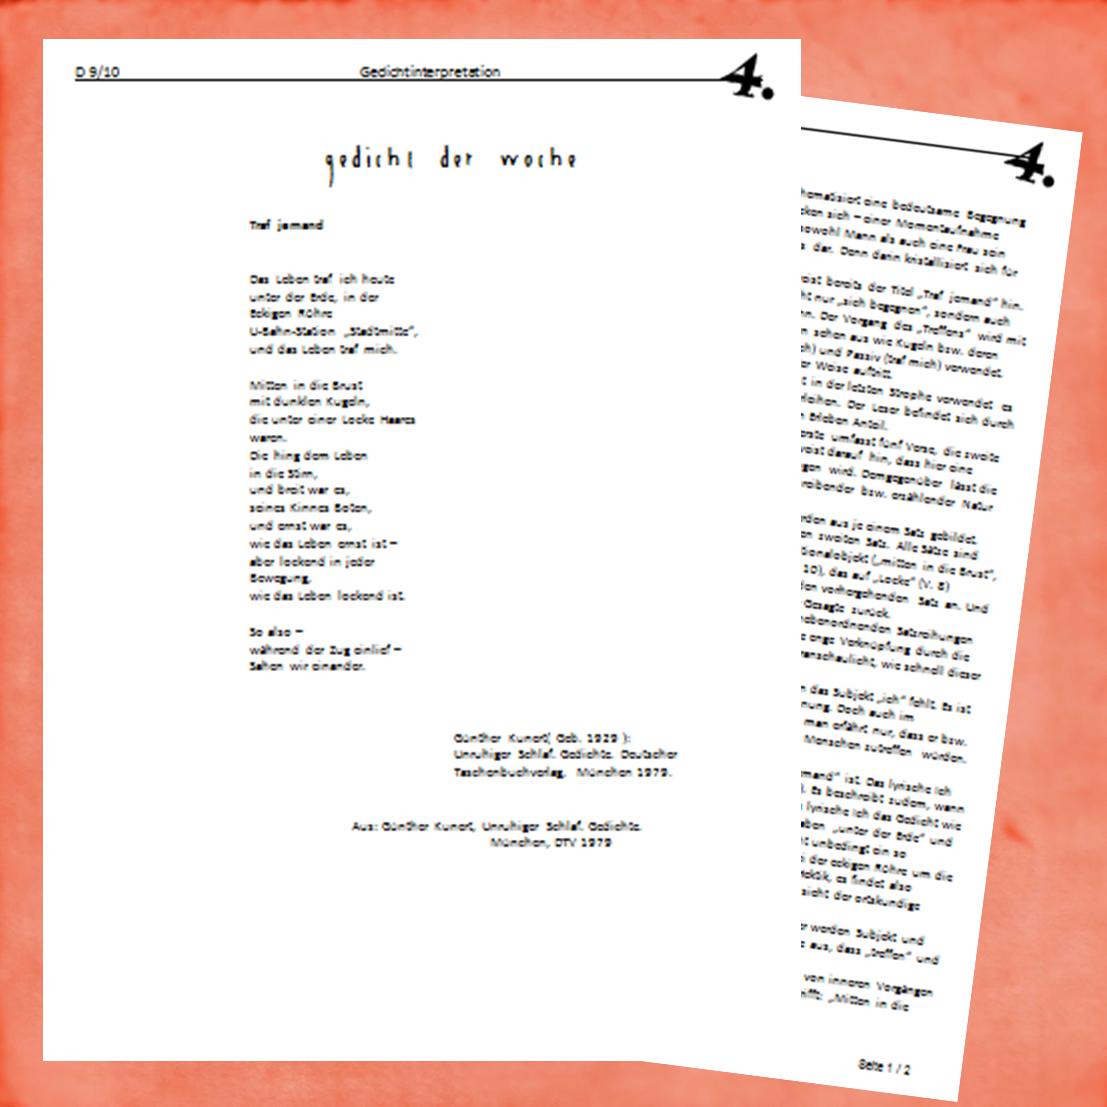 Gedicht Woche 4 Traf jemand (Günter Kunert)